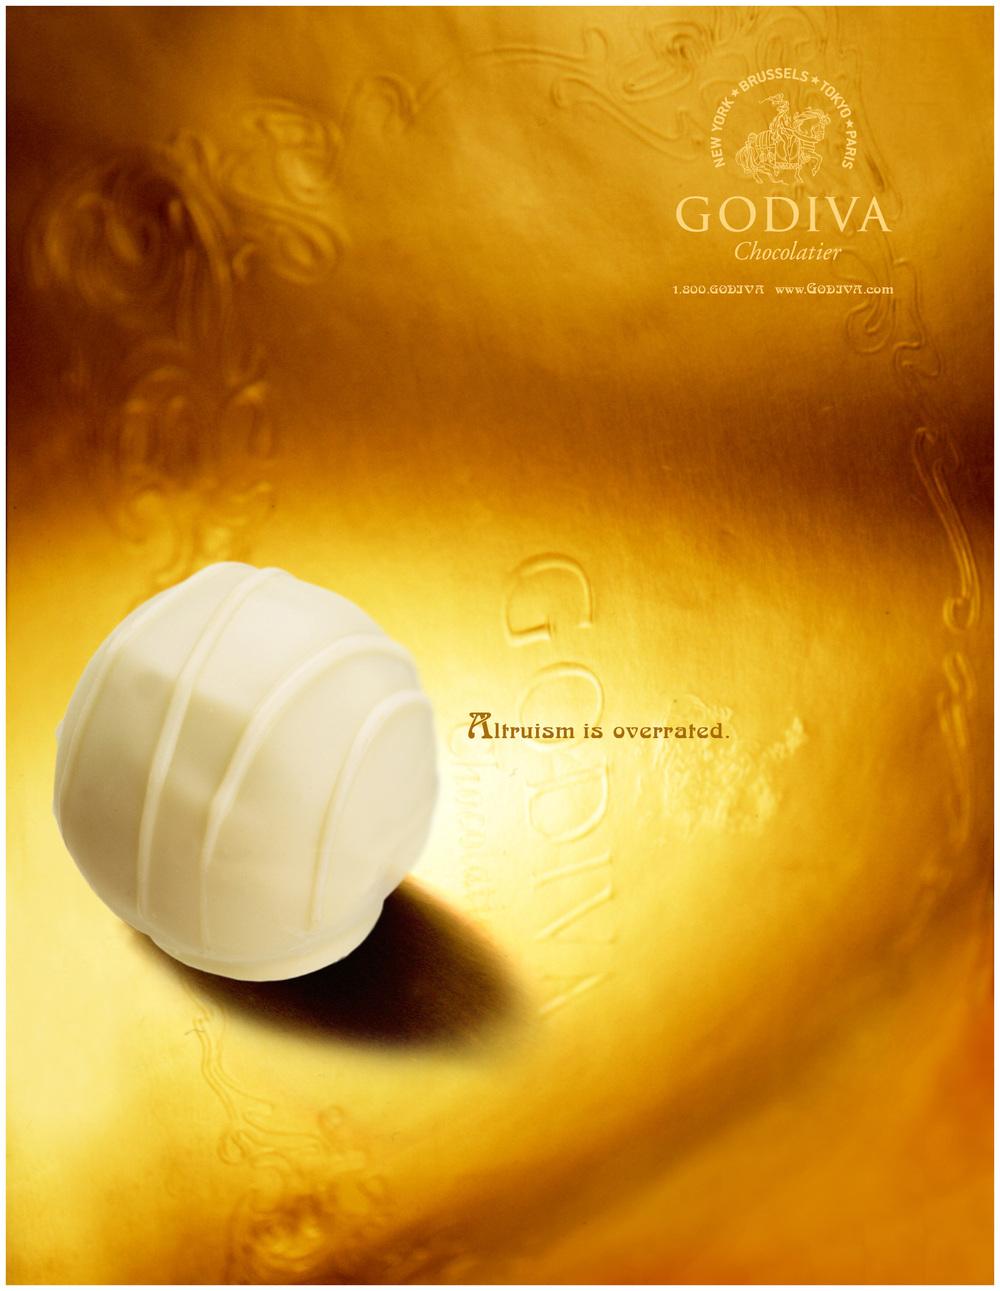 Godiva4_border.jpg